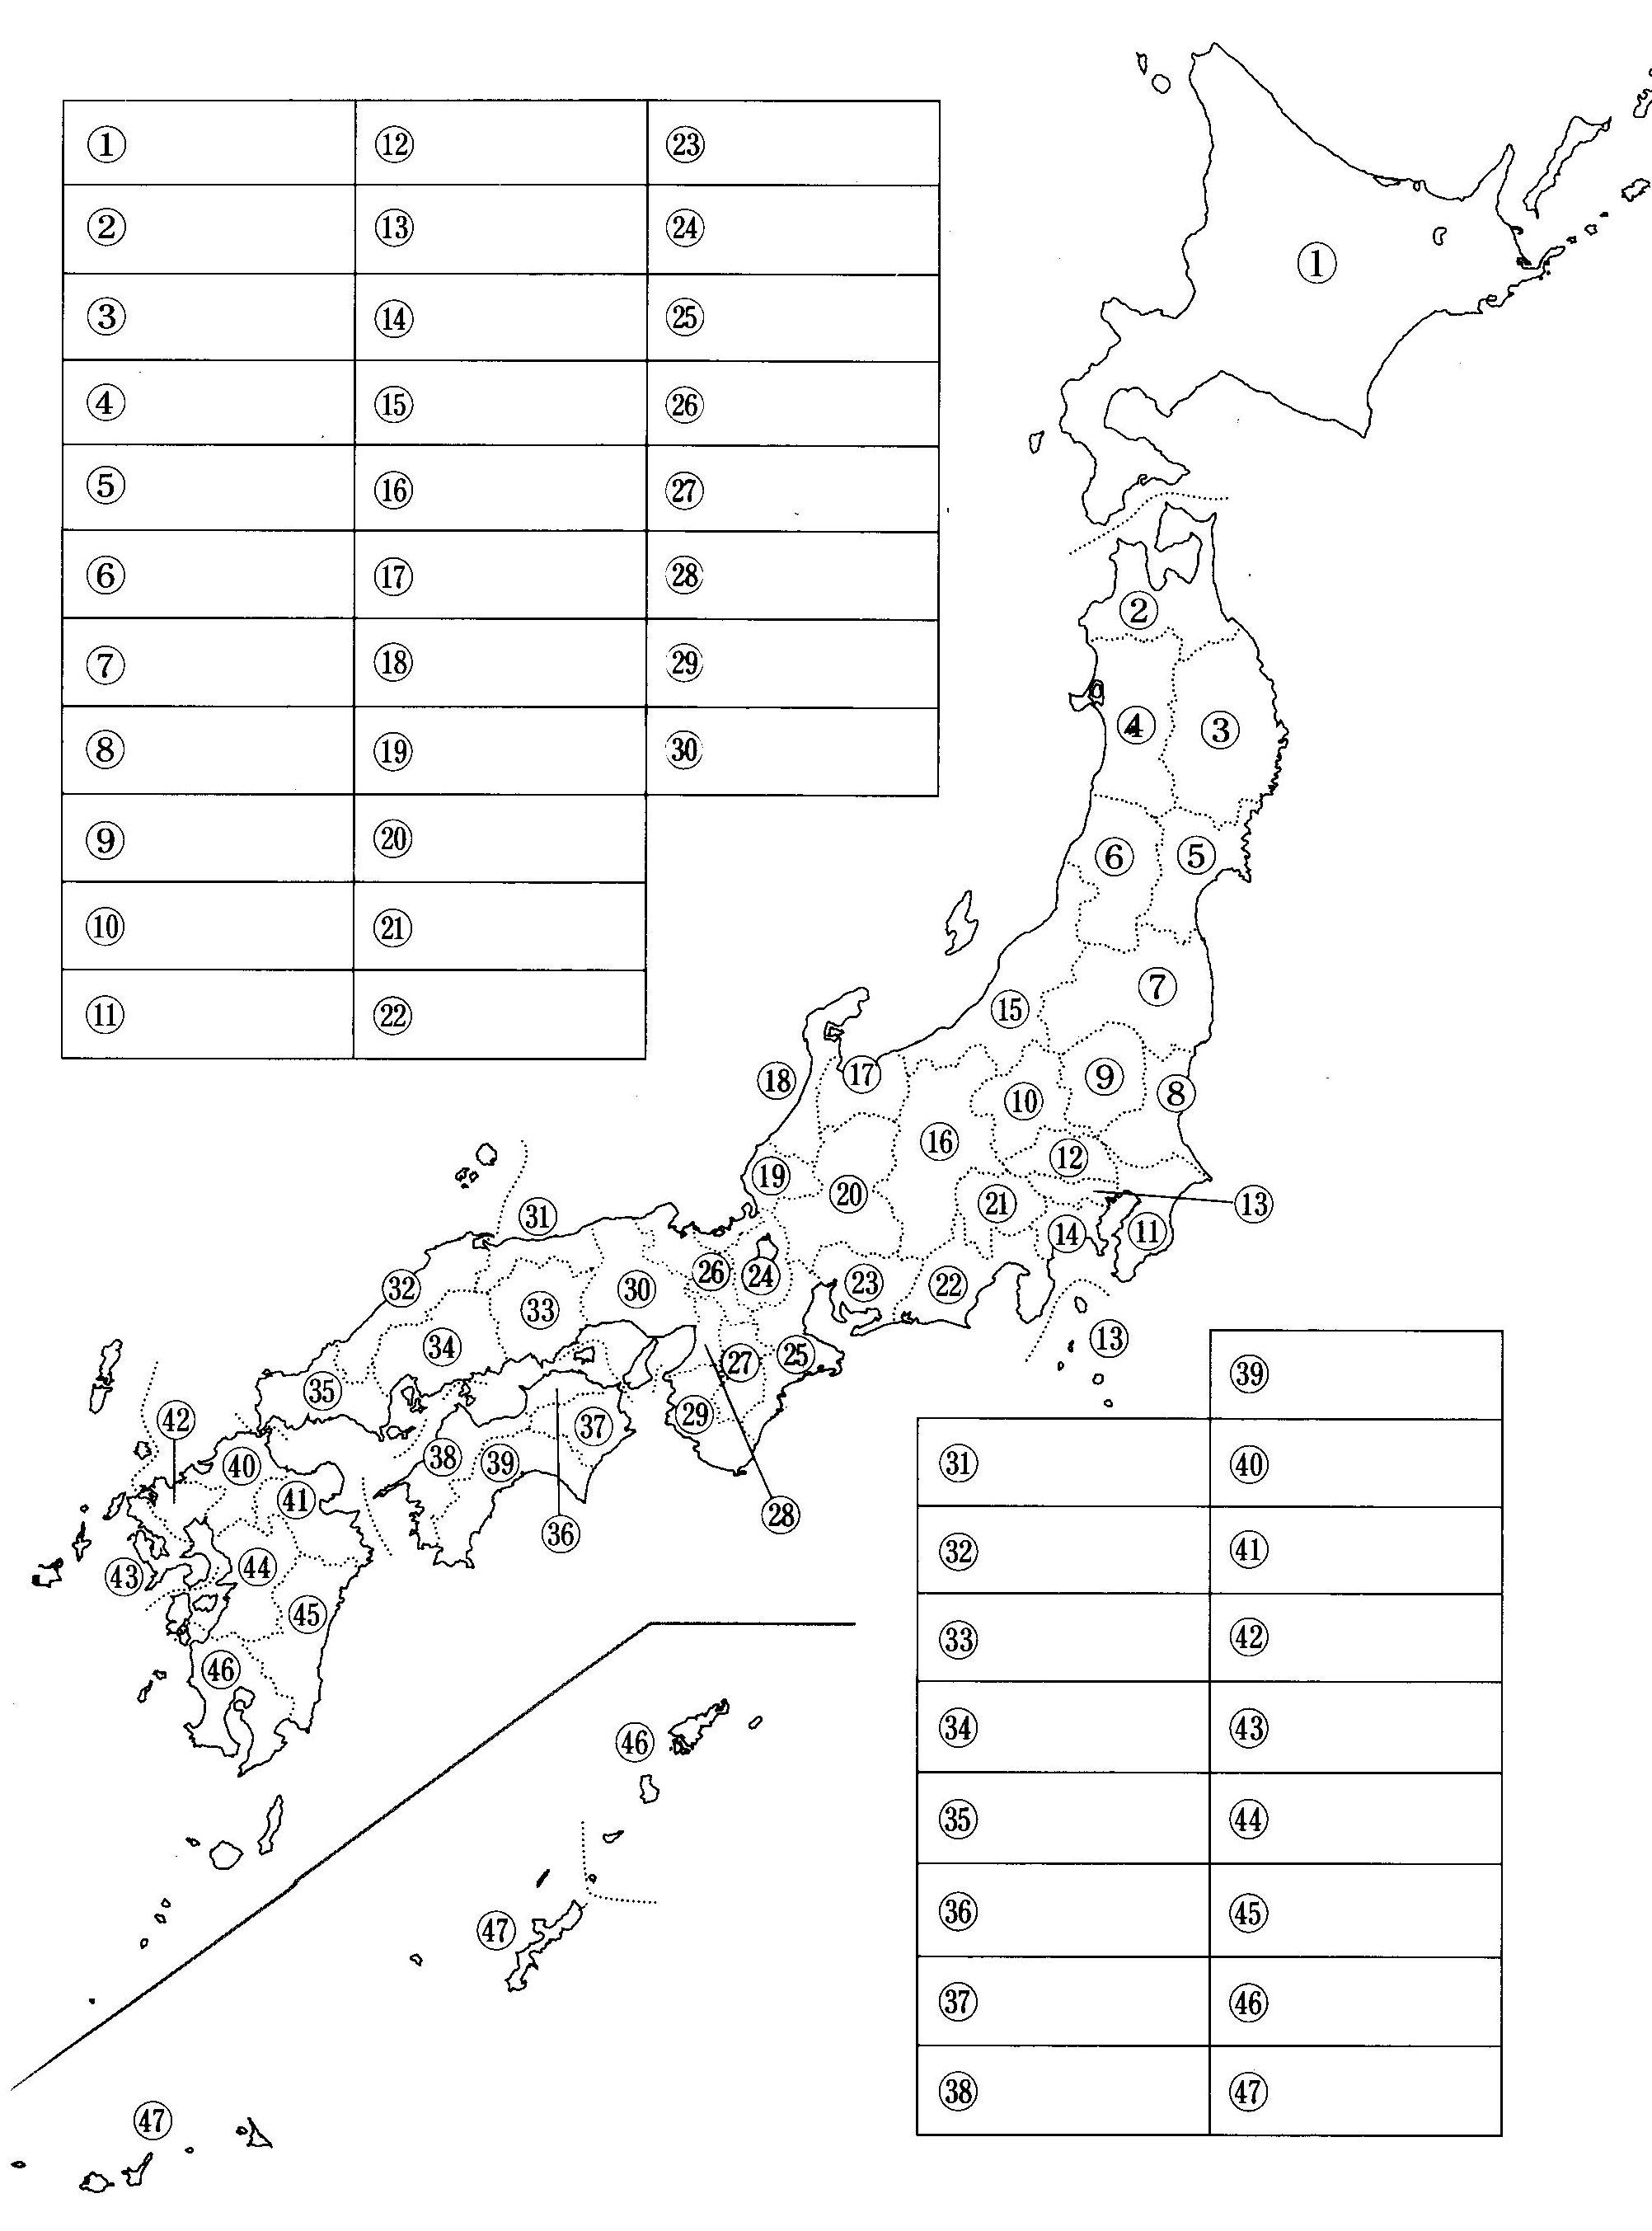 47都道府県クイズ の関連画像 : 日本の県名 : 日本